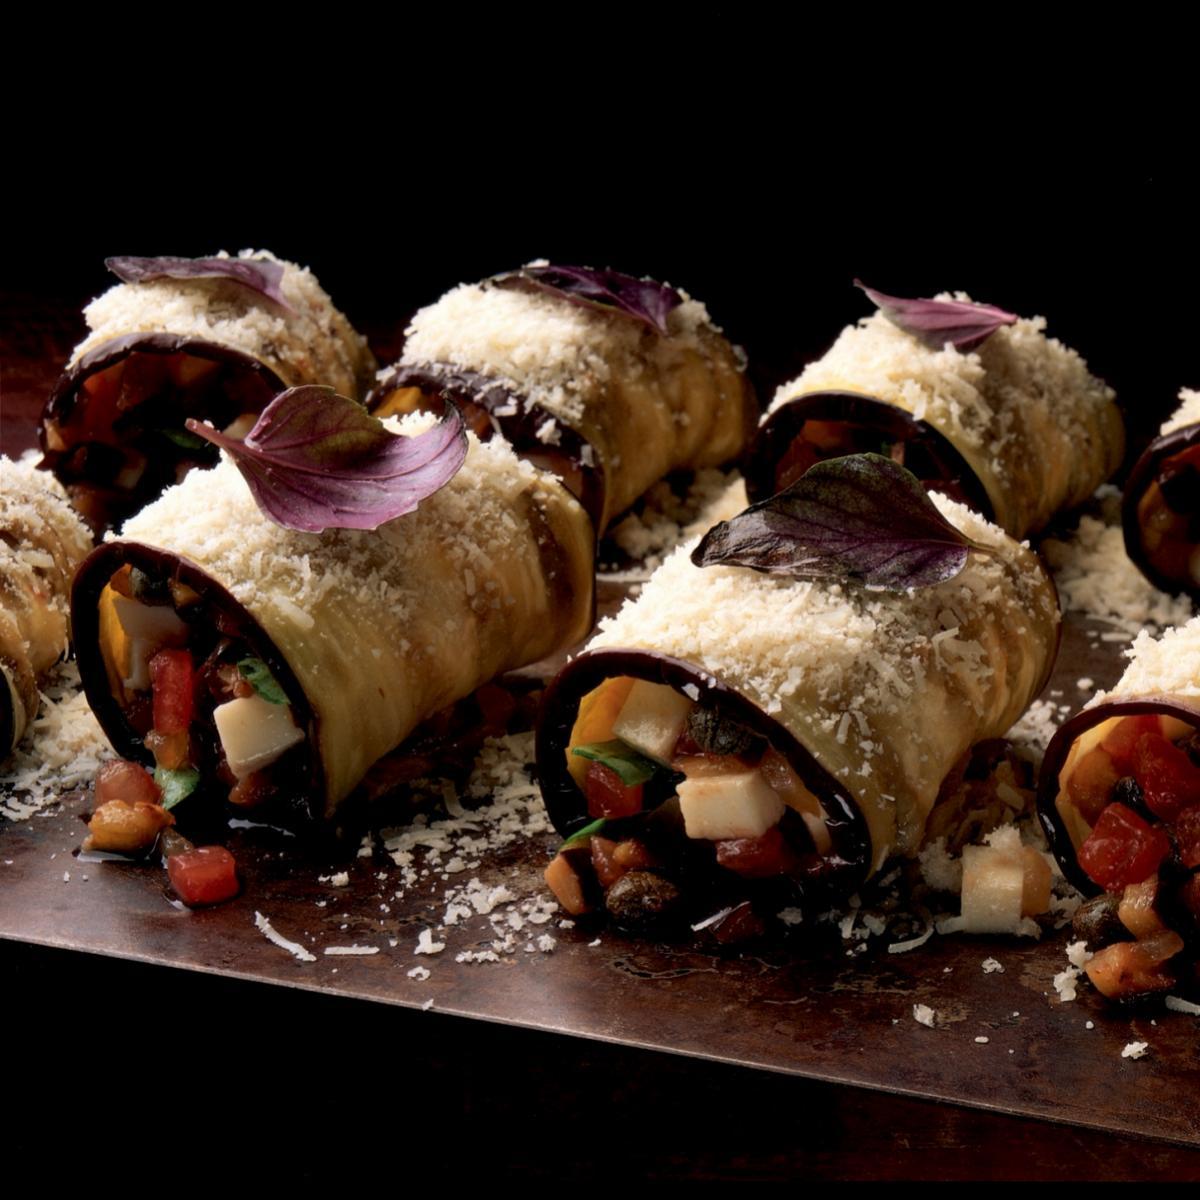 A picture of Delia's Italian Stuffed Aubergines recipe